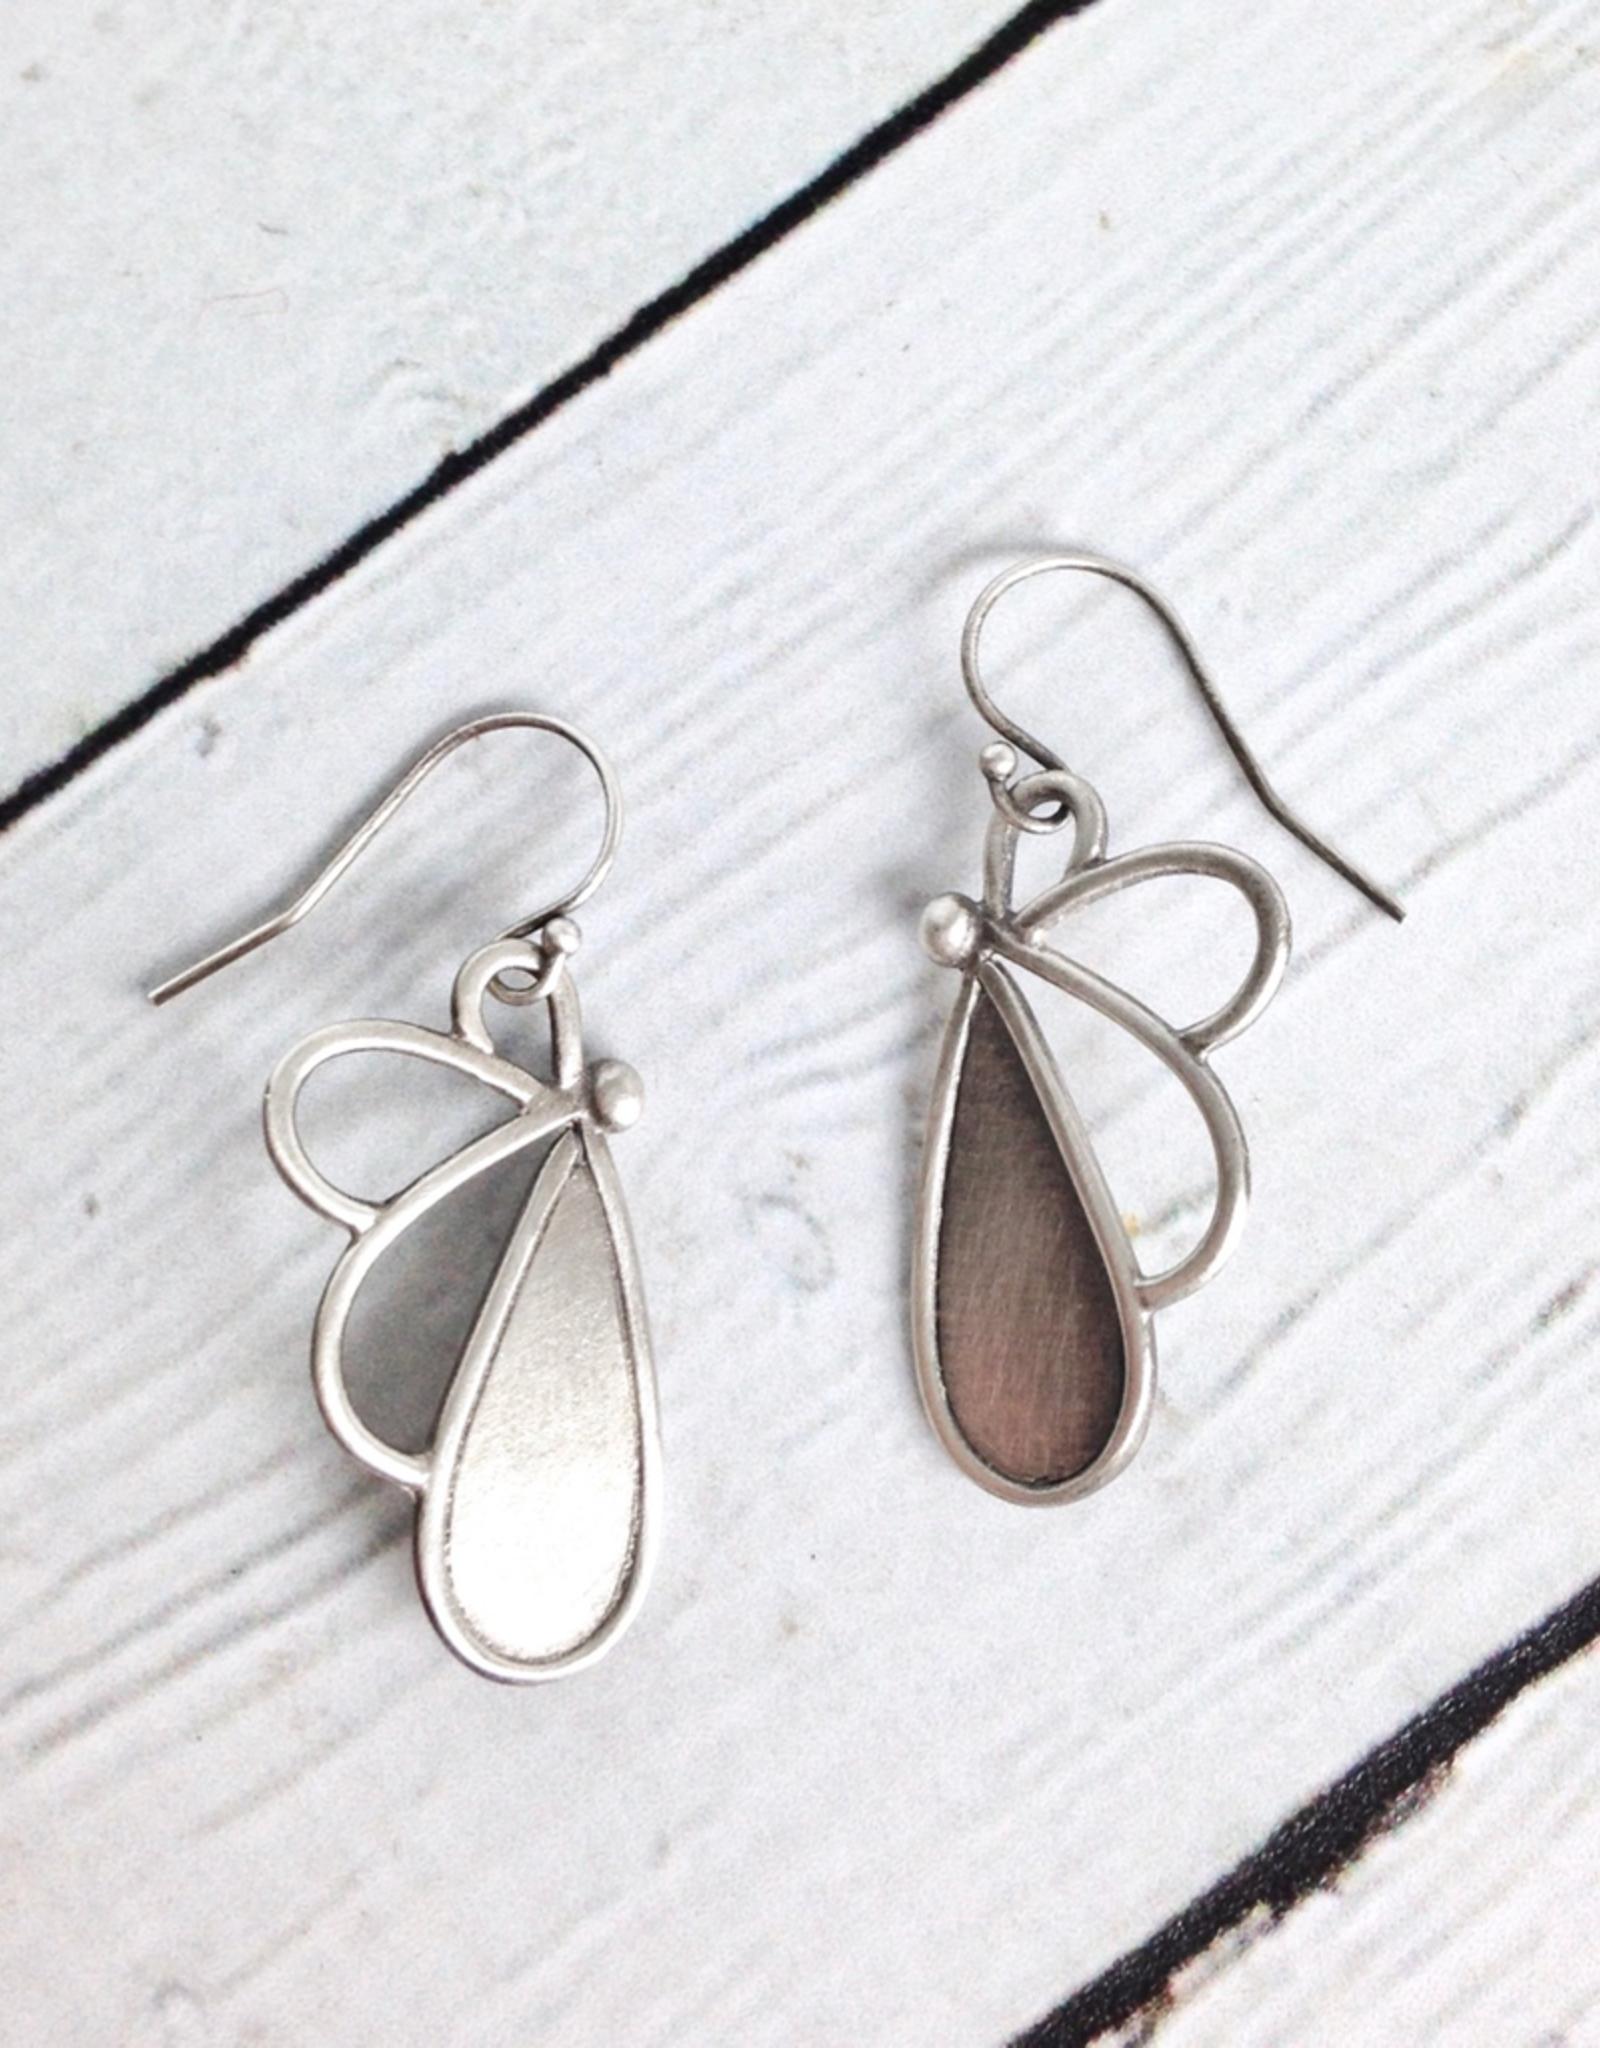 Handmade Matte Sterling Silver Petal Earrings by Julia Britell Designs